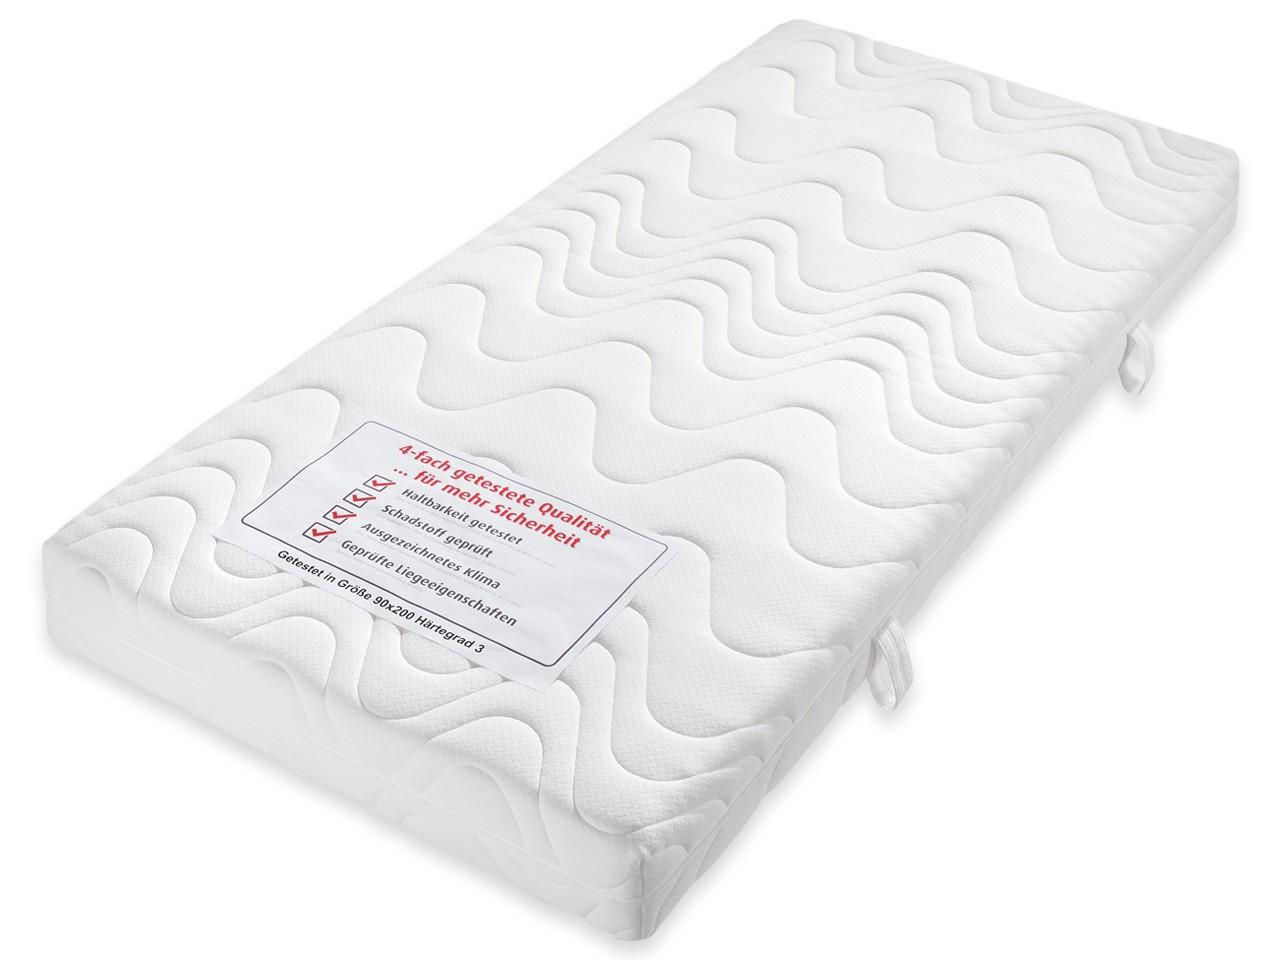 Beco Komfortschaum Matratze Ortho-Star 4-fach getestete Qualität MR111818 140x200 H3 - fest - über 80 kg